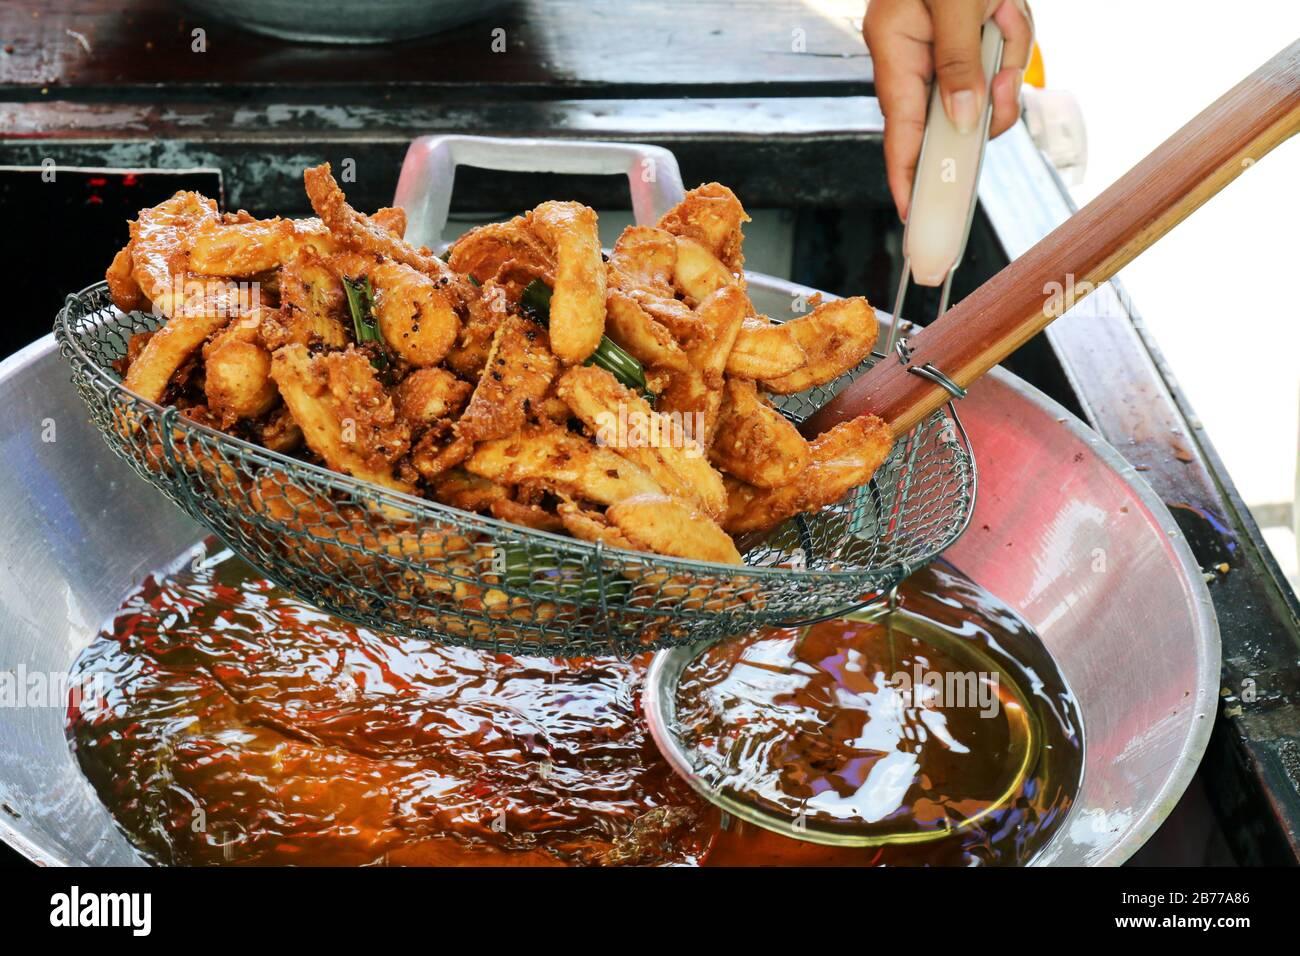 Chips De Plátano En Cacerola Comida Tailandesa Fotos